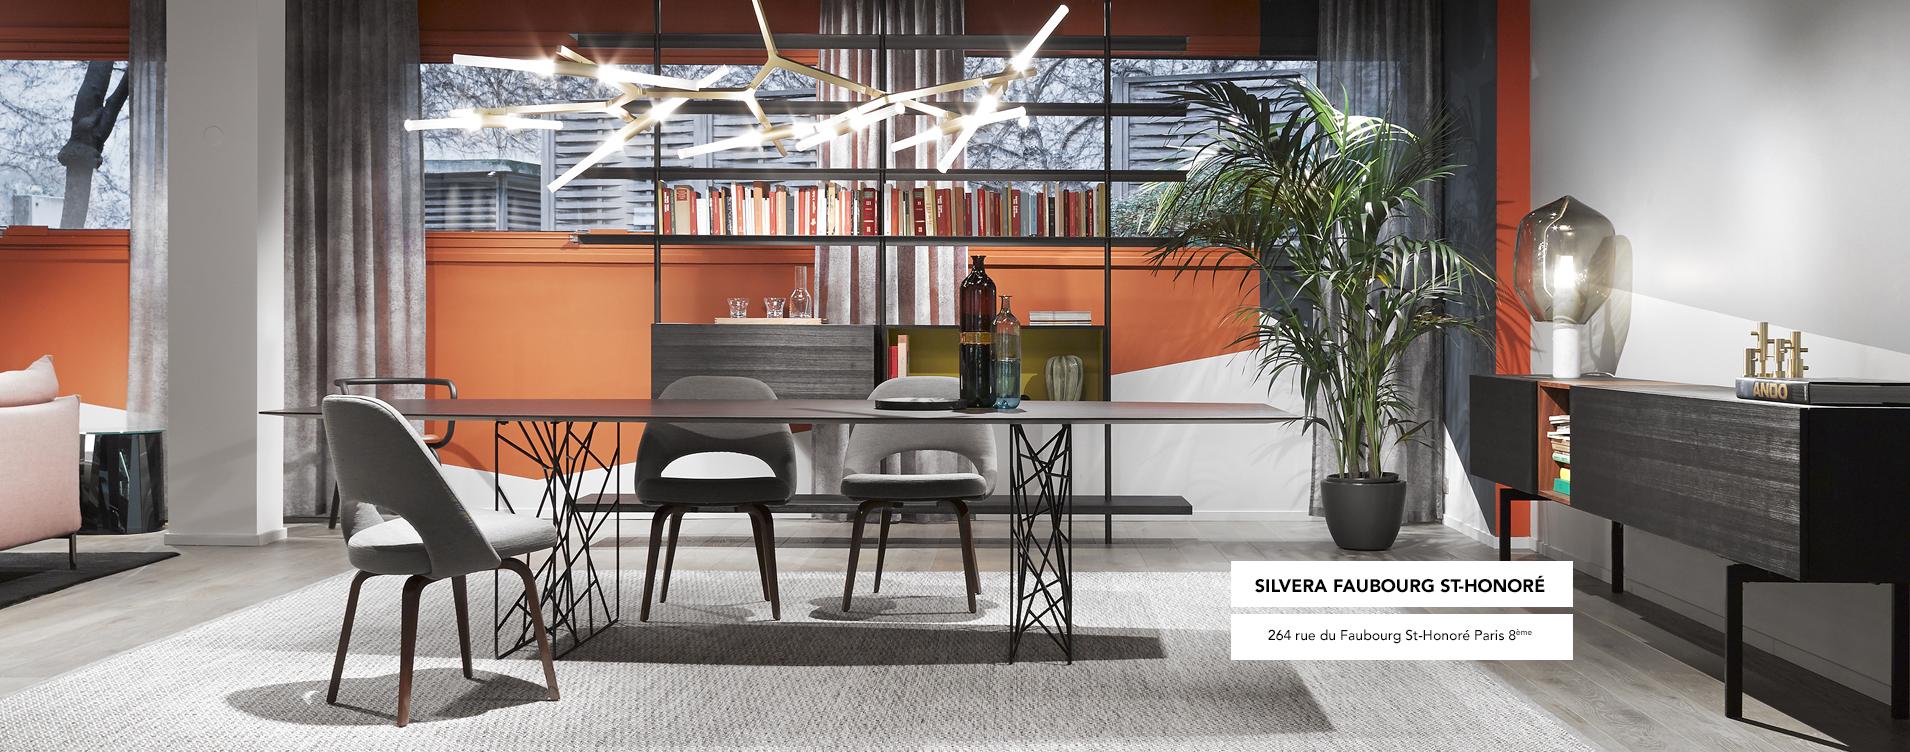 Silvera meubles design et contemporain luminaire mobilier de bureau pour professionnels - Location de meubles design ...